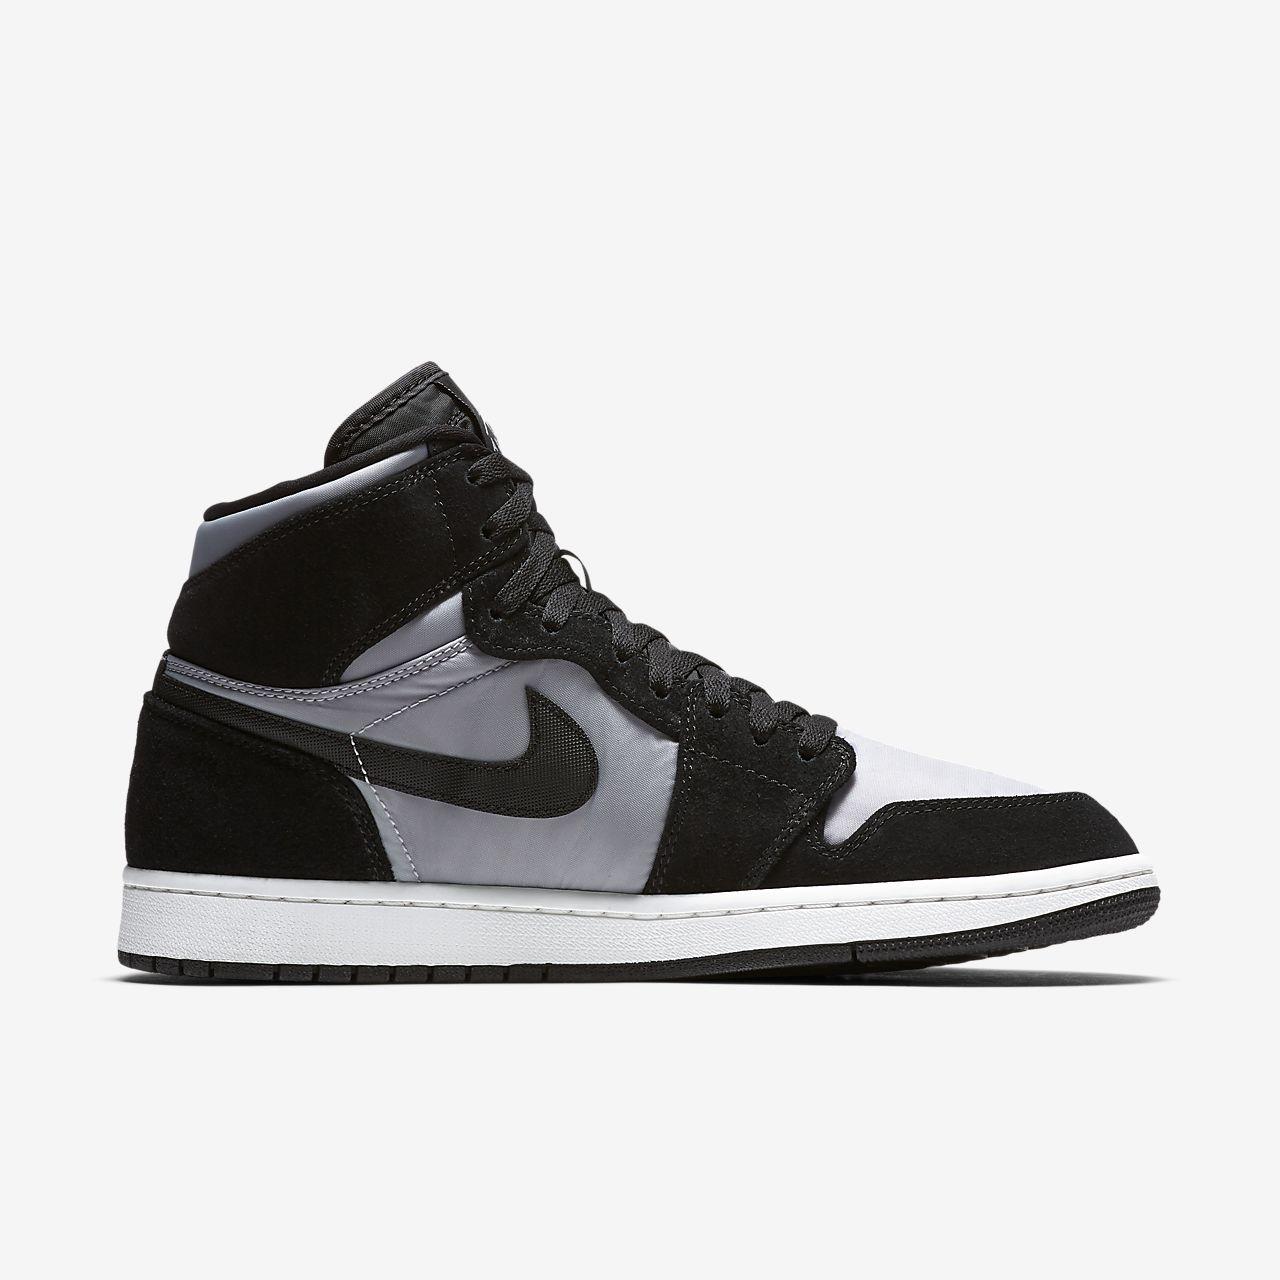 64430815f71 Air Jordan 1 Retro High Premium Men s Shoe. Nike.com MY